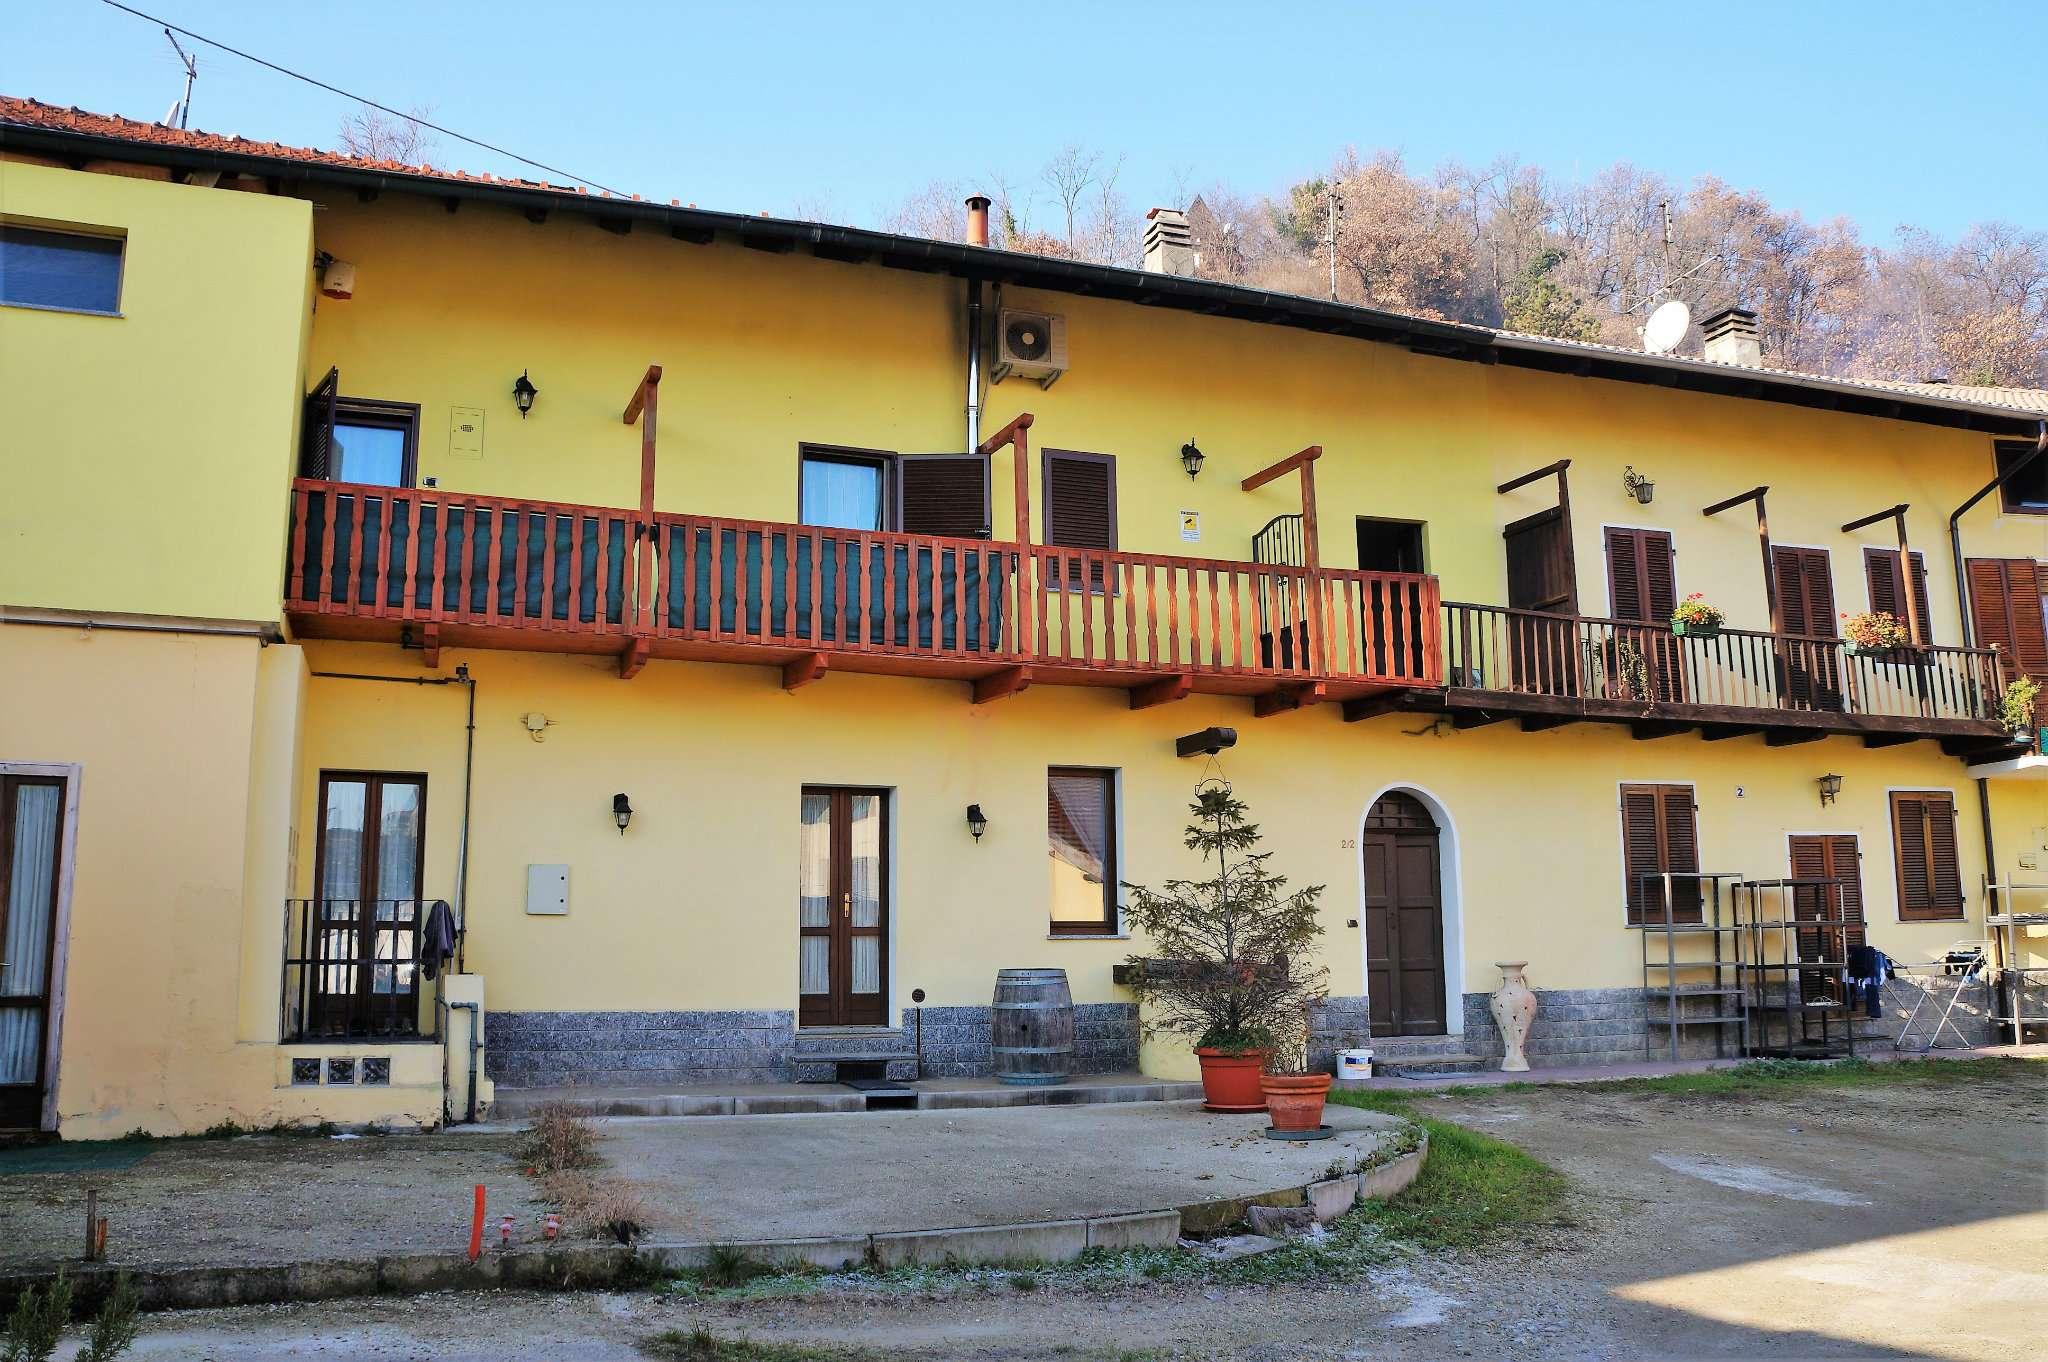 Villetta a Schiera in vendita vicolo schioppo 2 Trana